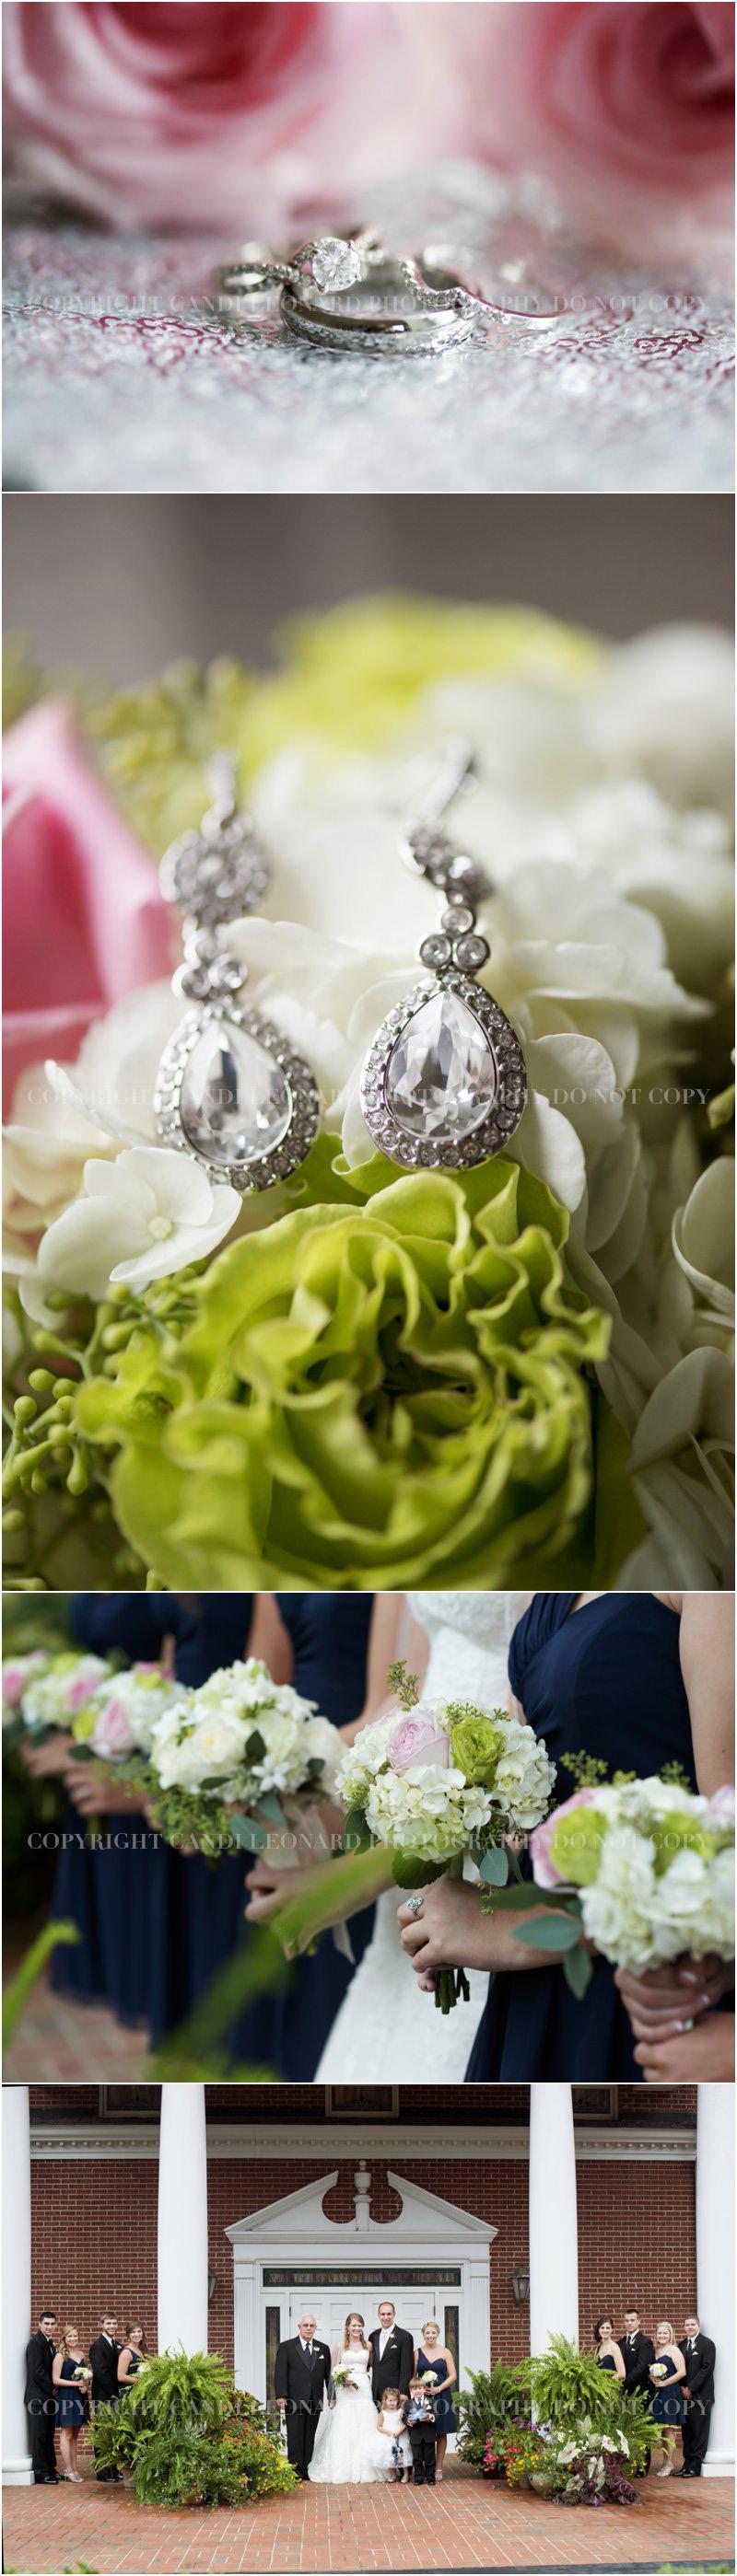 ASHEBORO_NC_wedding_photographer_0961